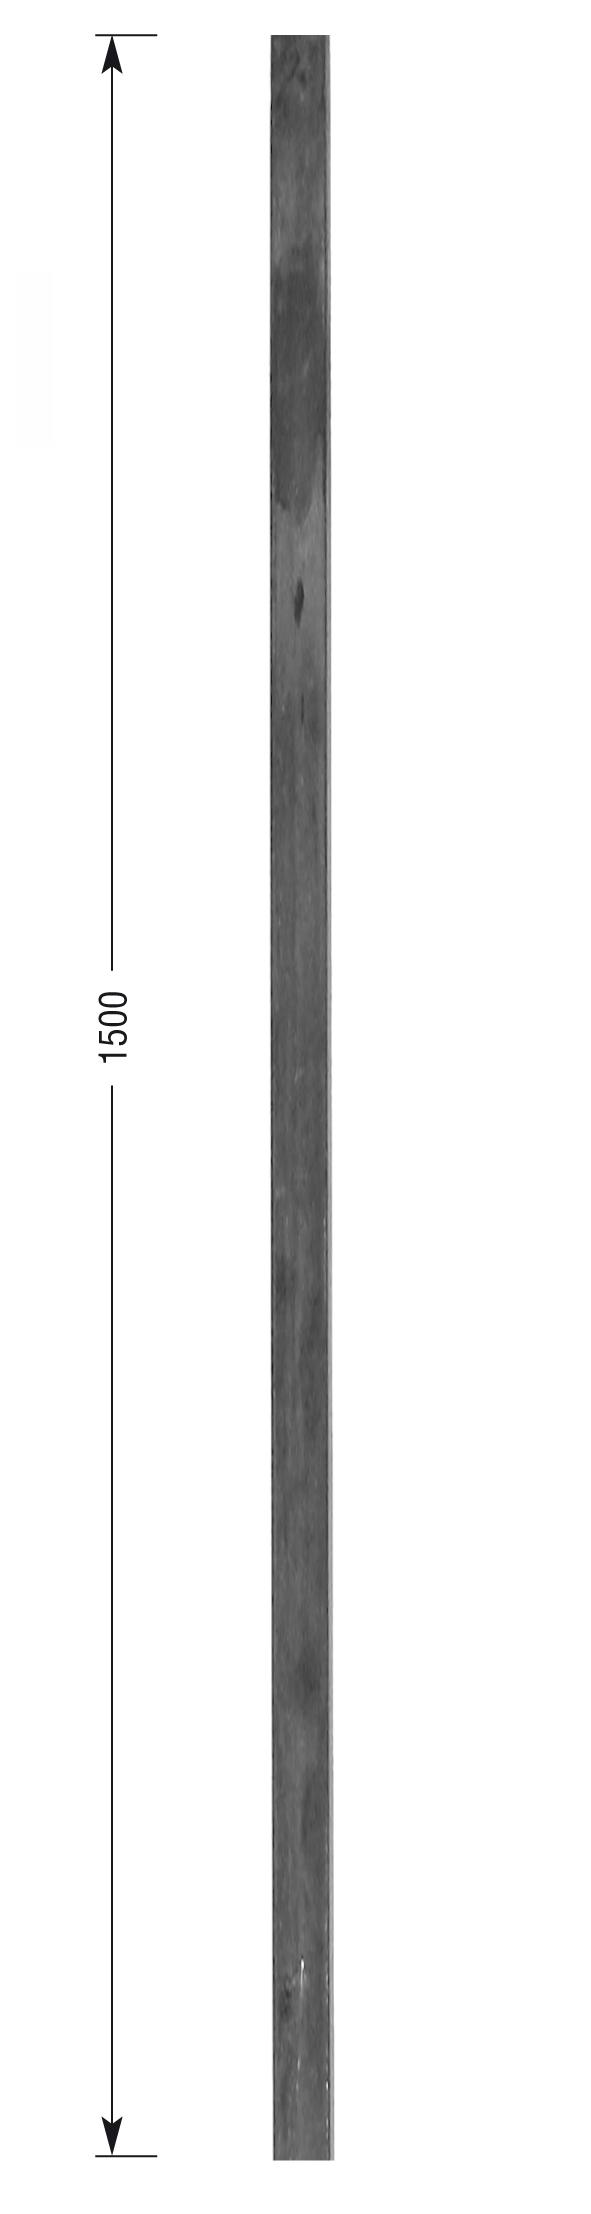 barreau forg fer carr lisse hauteur 1500 mm montants. Black Bedroom Furniture Sets. Home Design Ideas